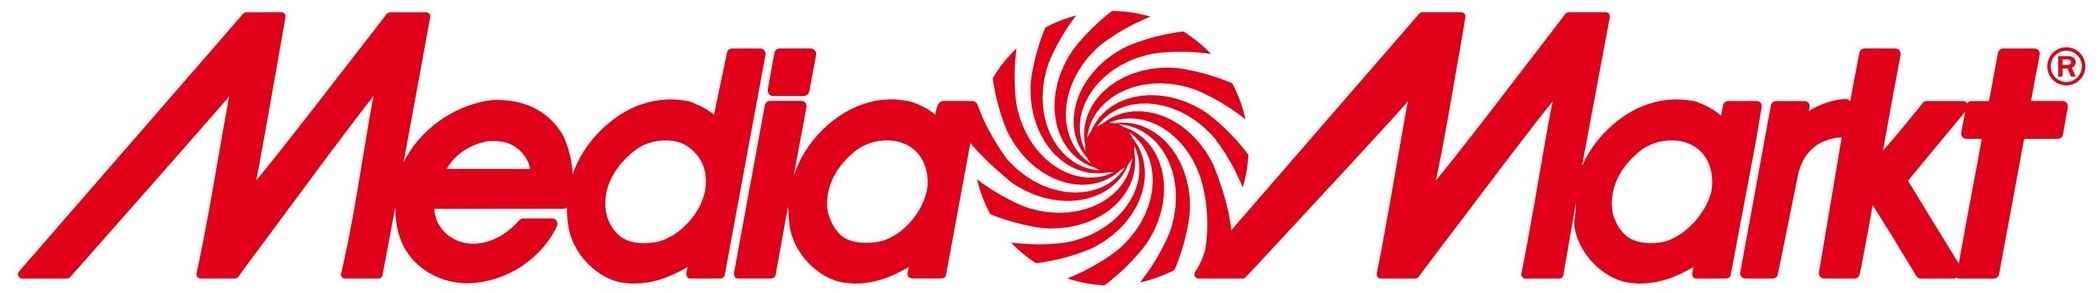 Media Markt Logo png